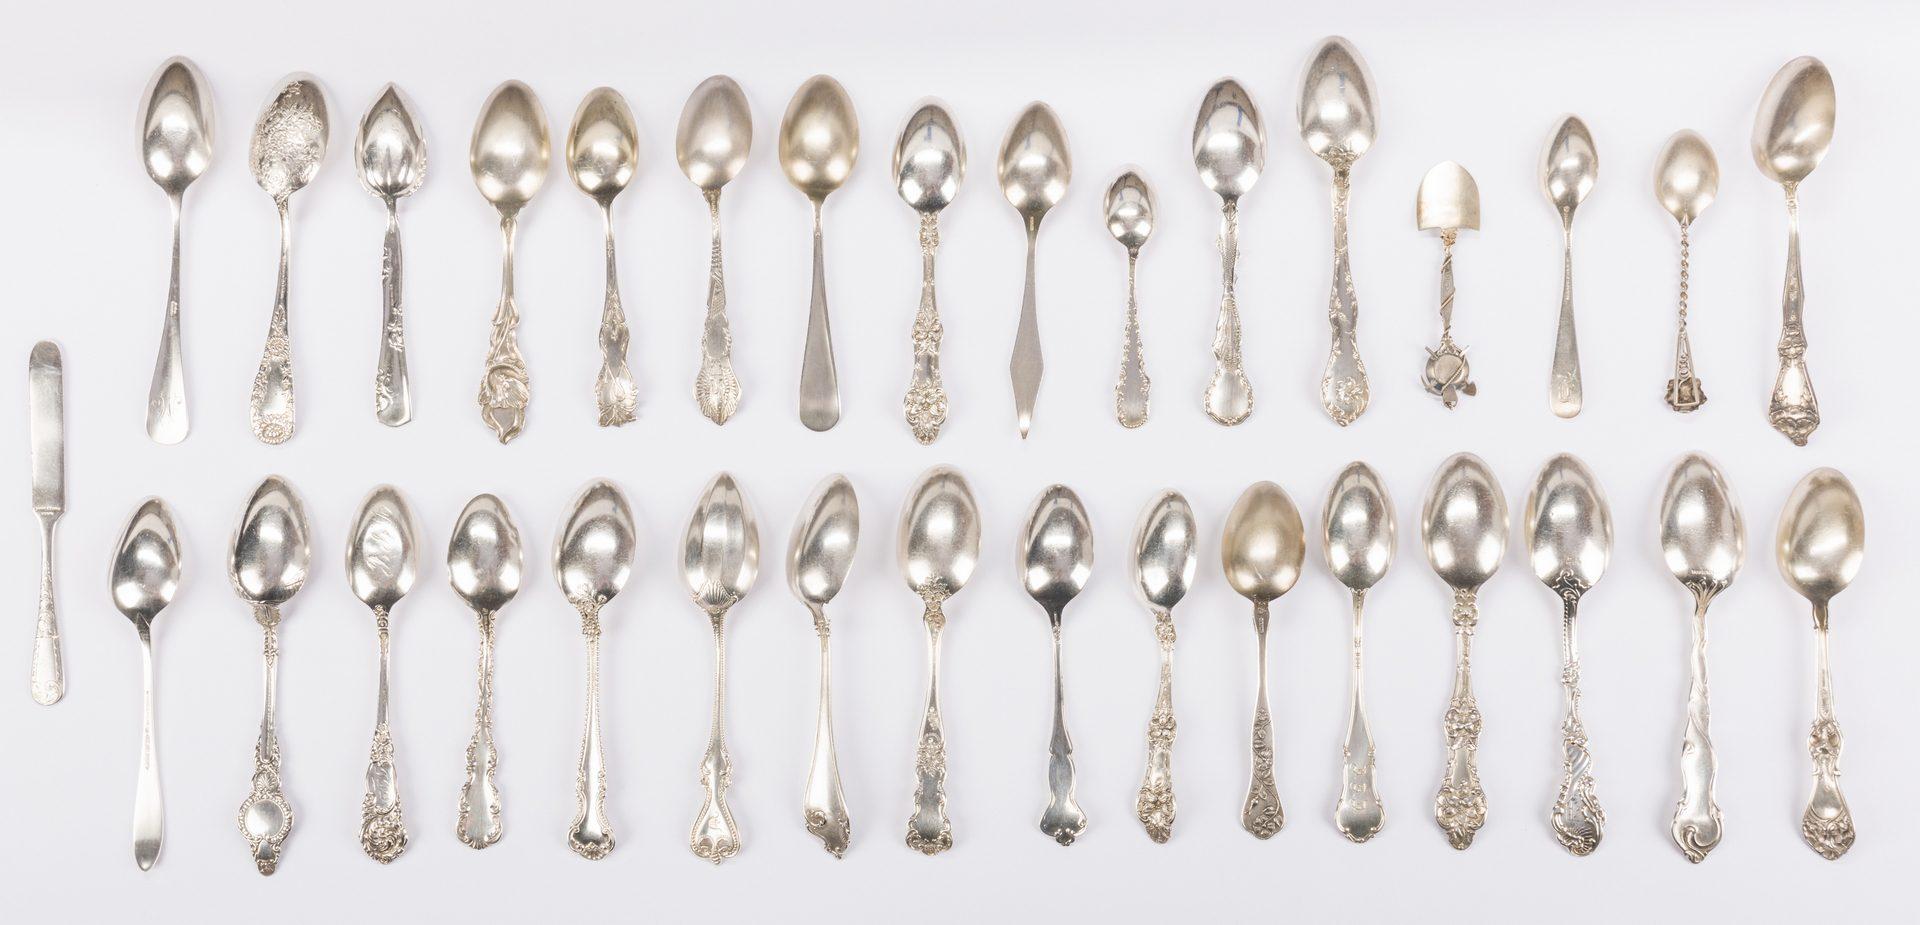 Lot 880: Vintage Sterling Souvenir Spoons plus more, 37 pcs